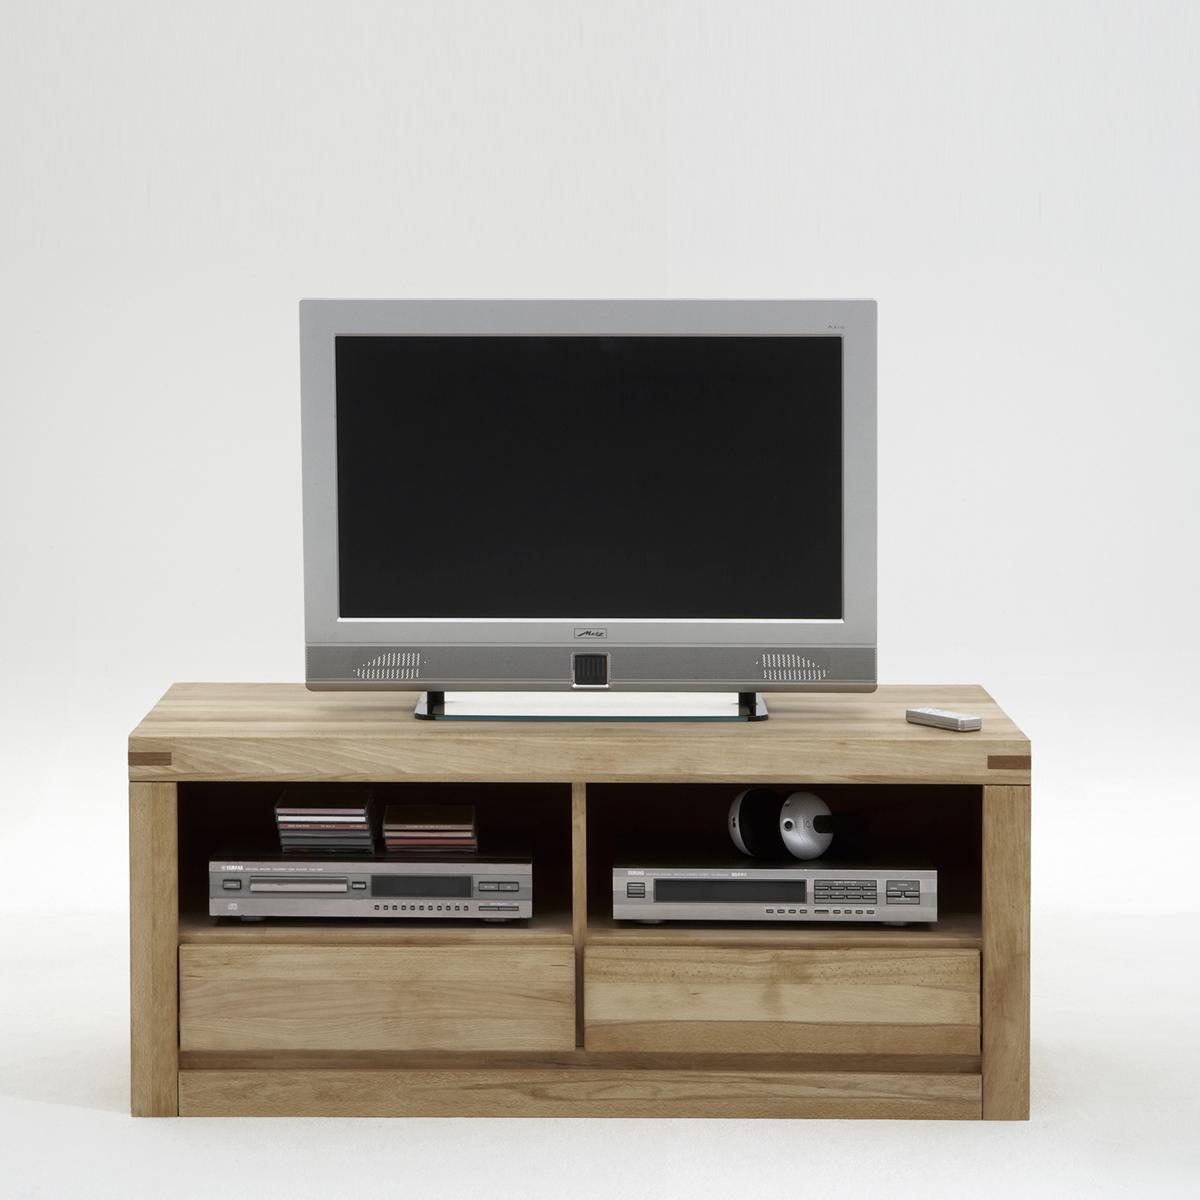 tv kommode delft 6212 wohnzimmer tv board in kernbuche massiv ge lt ebay. Black Bedroom Furniture Sets. Home Design Ideas